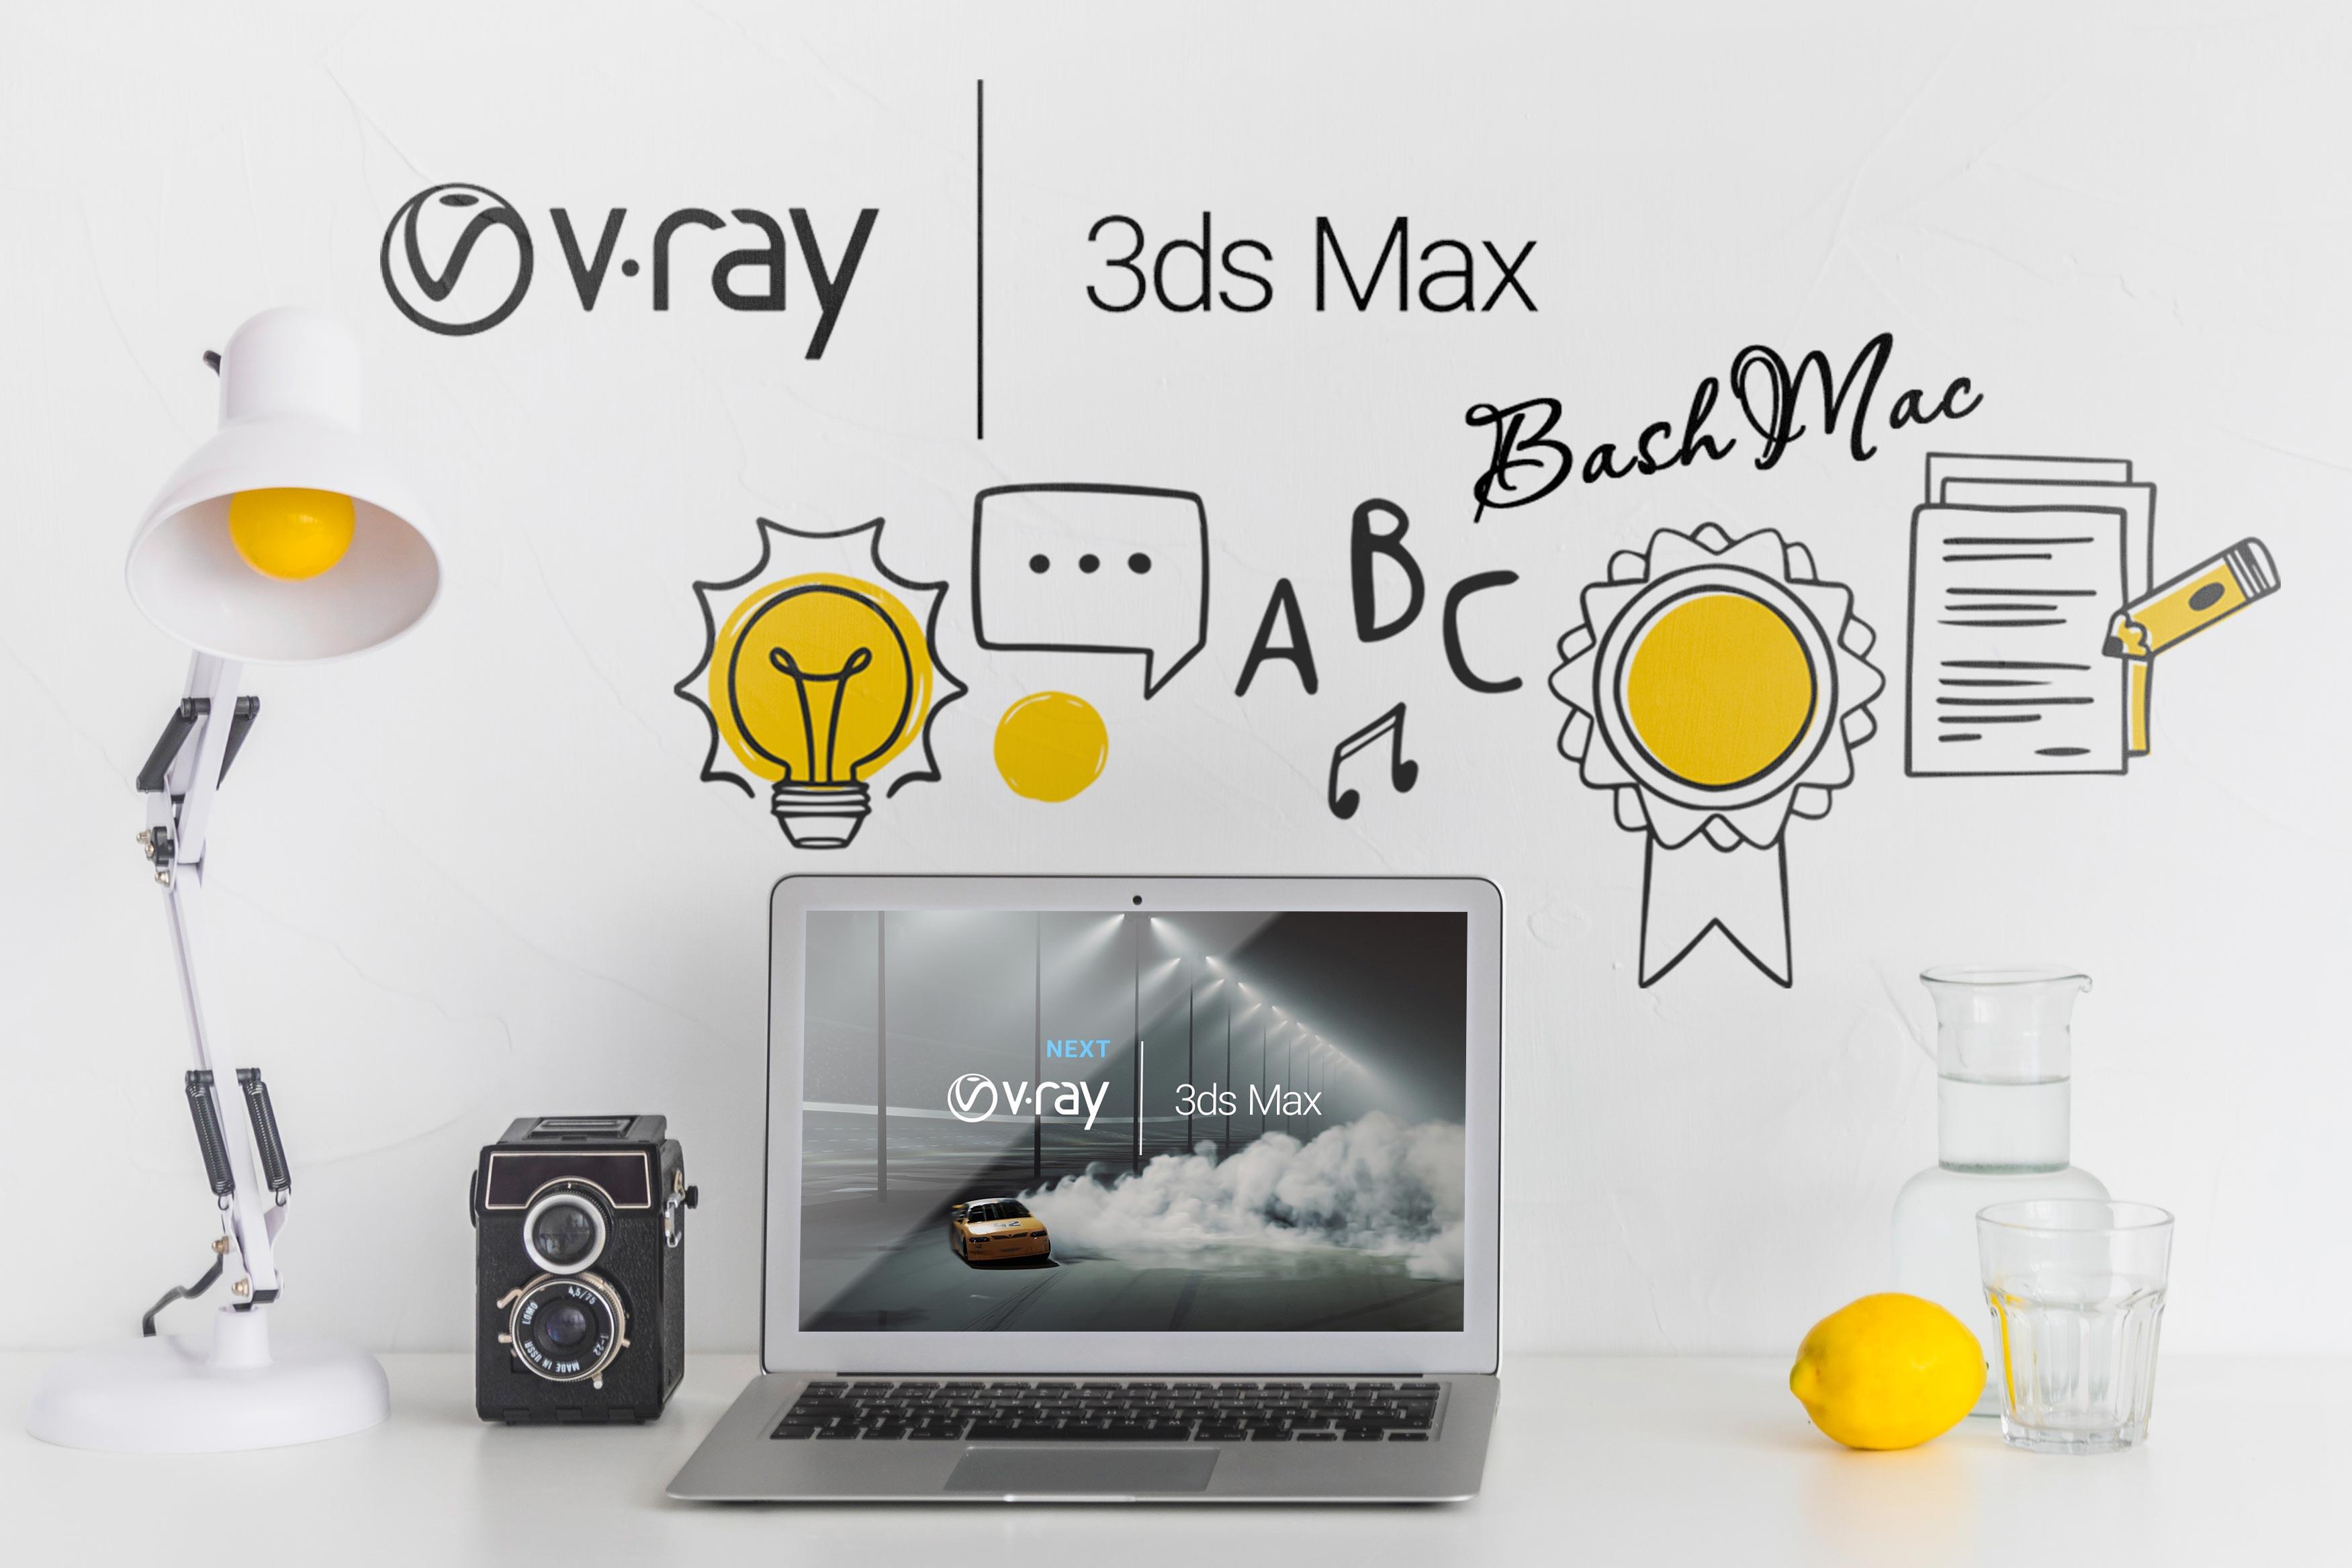 Встановлення та оновлення 3ds Max на Mac